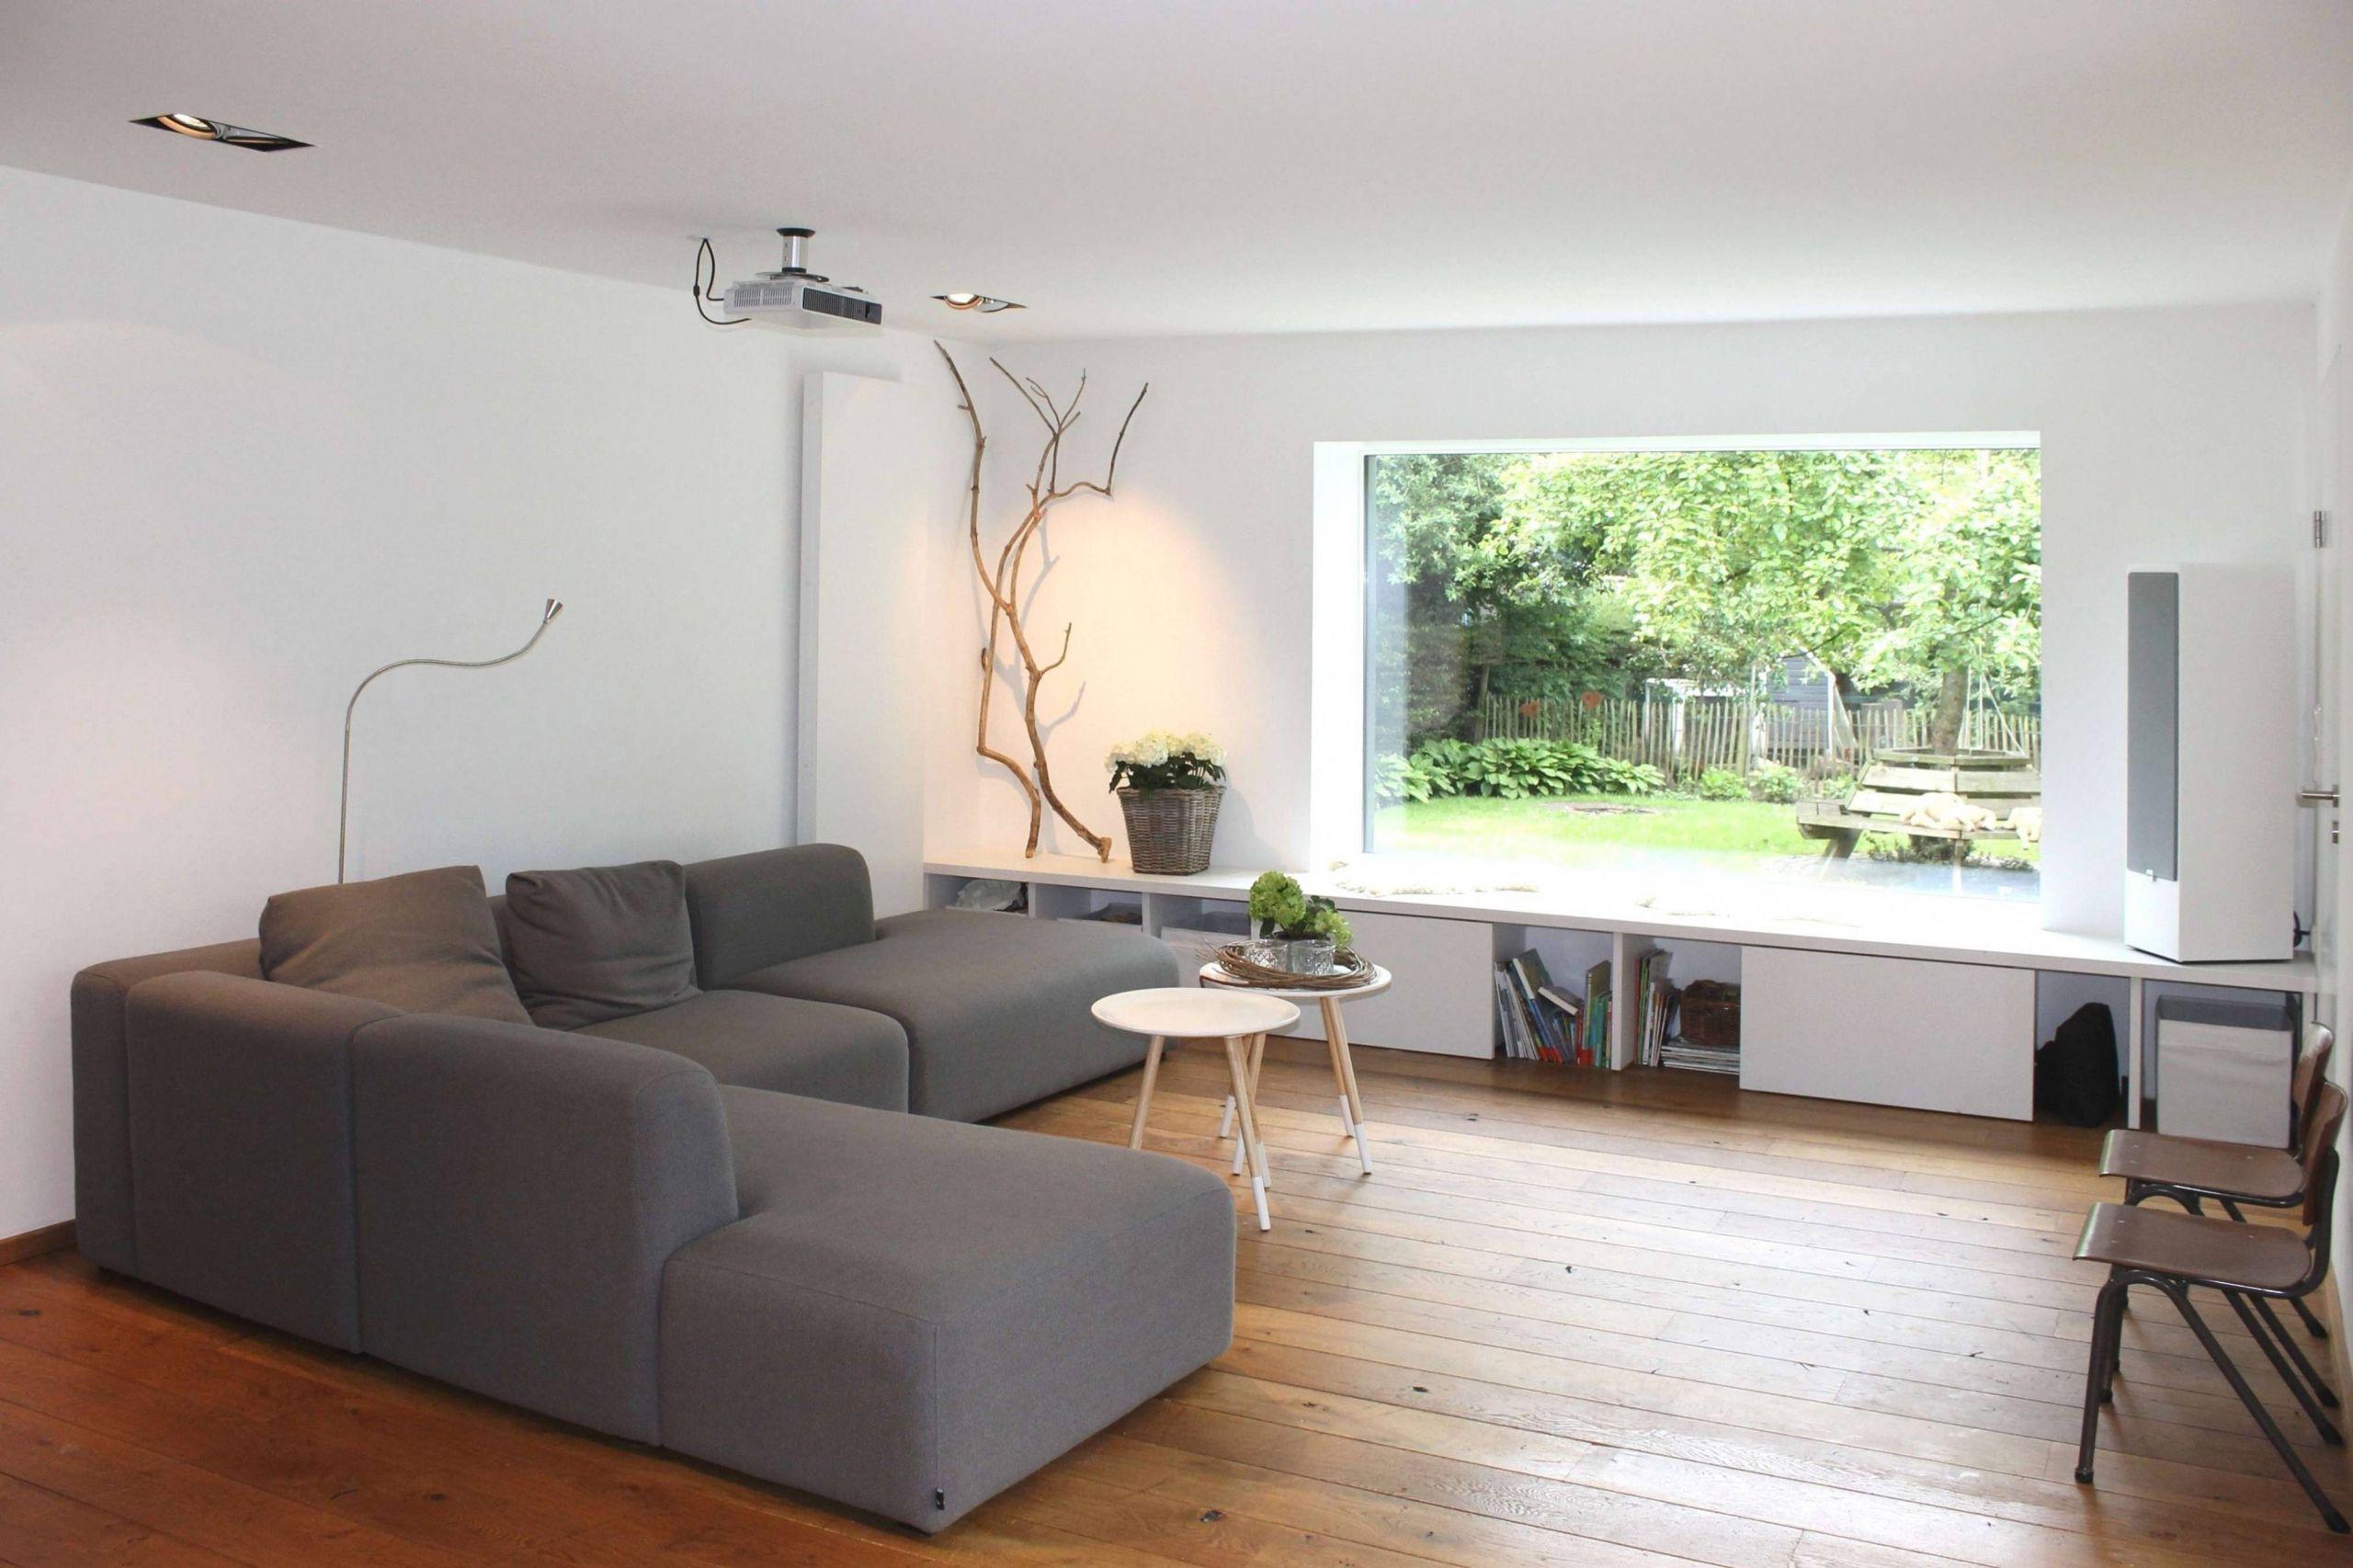 wohnzimmer ideen modern das beste von wohnzimmer bilder ideen design sie mussen sehen of wohnzimmer ideen modern